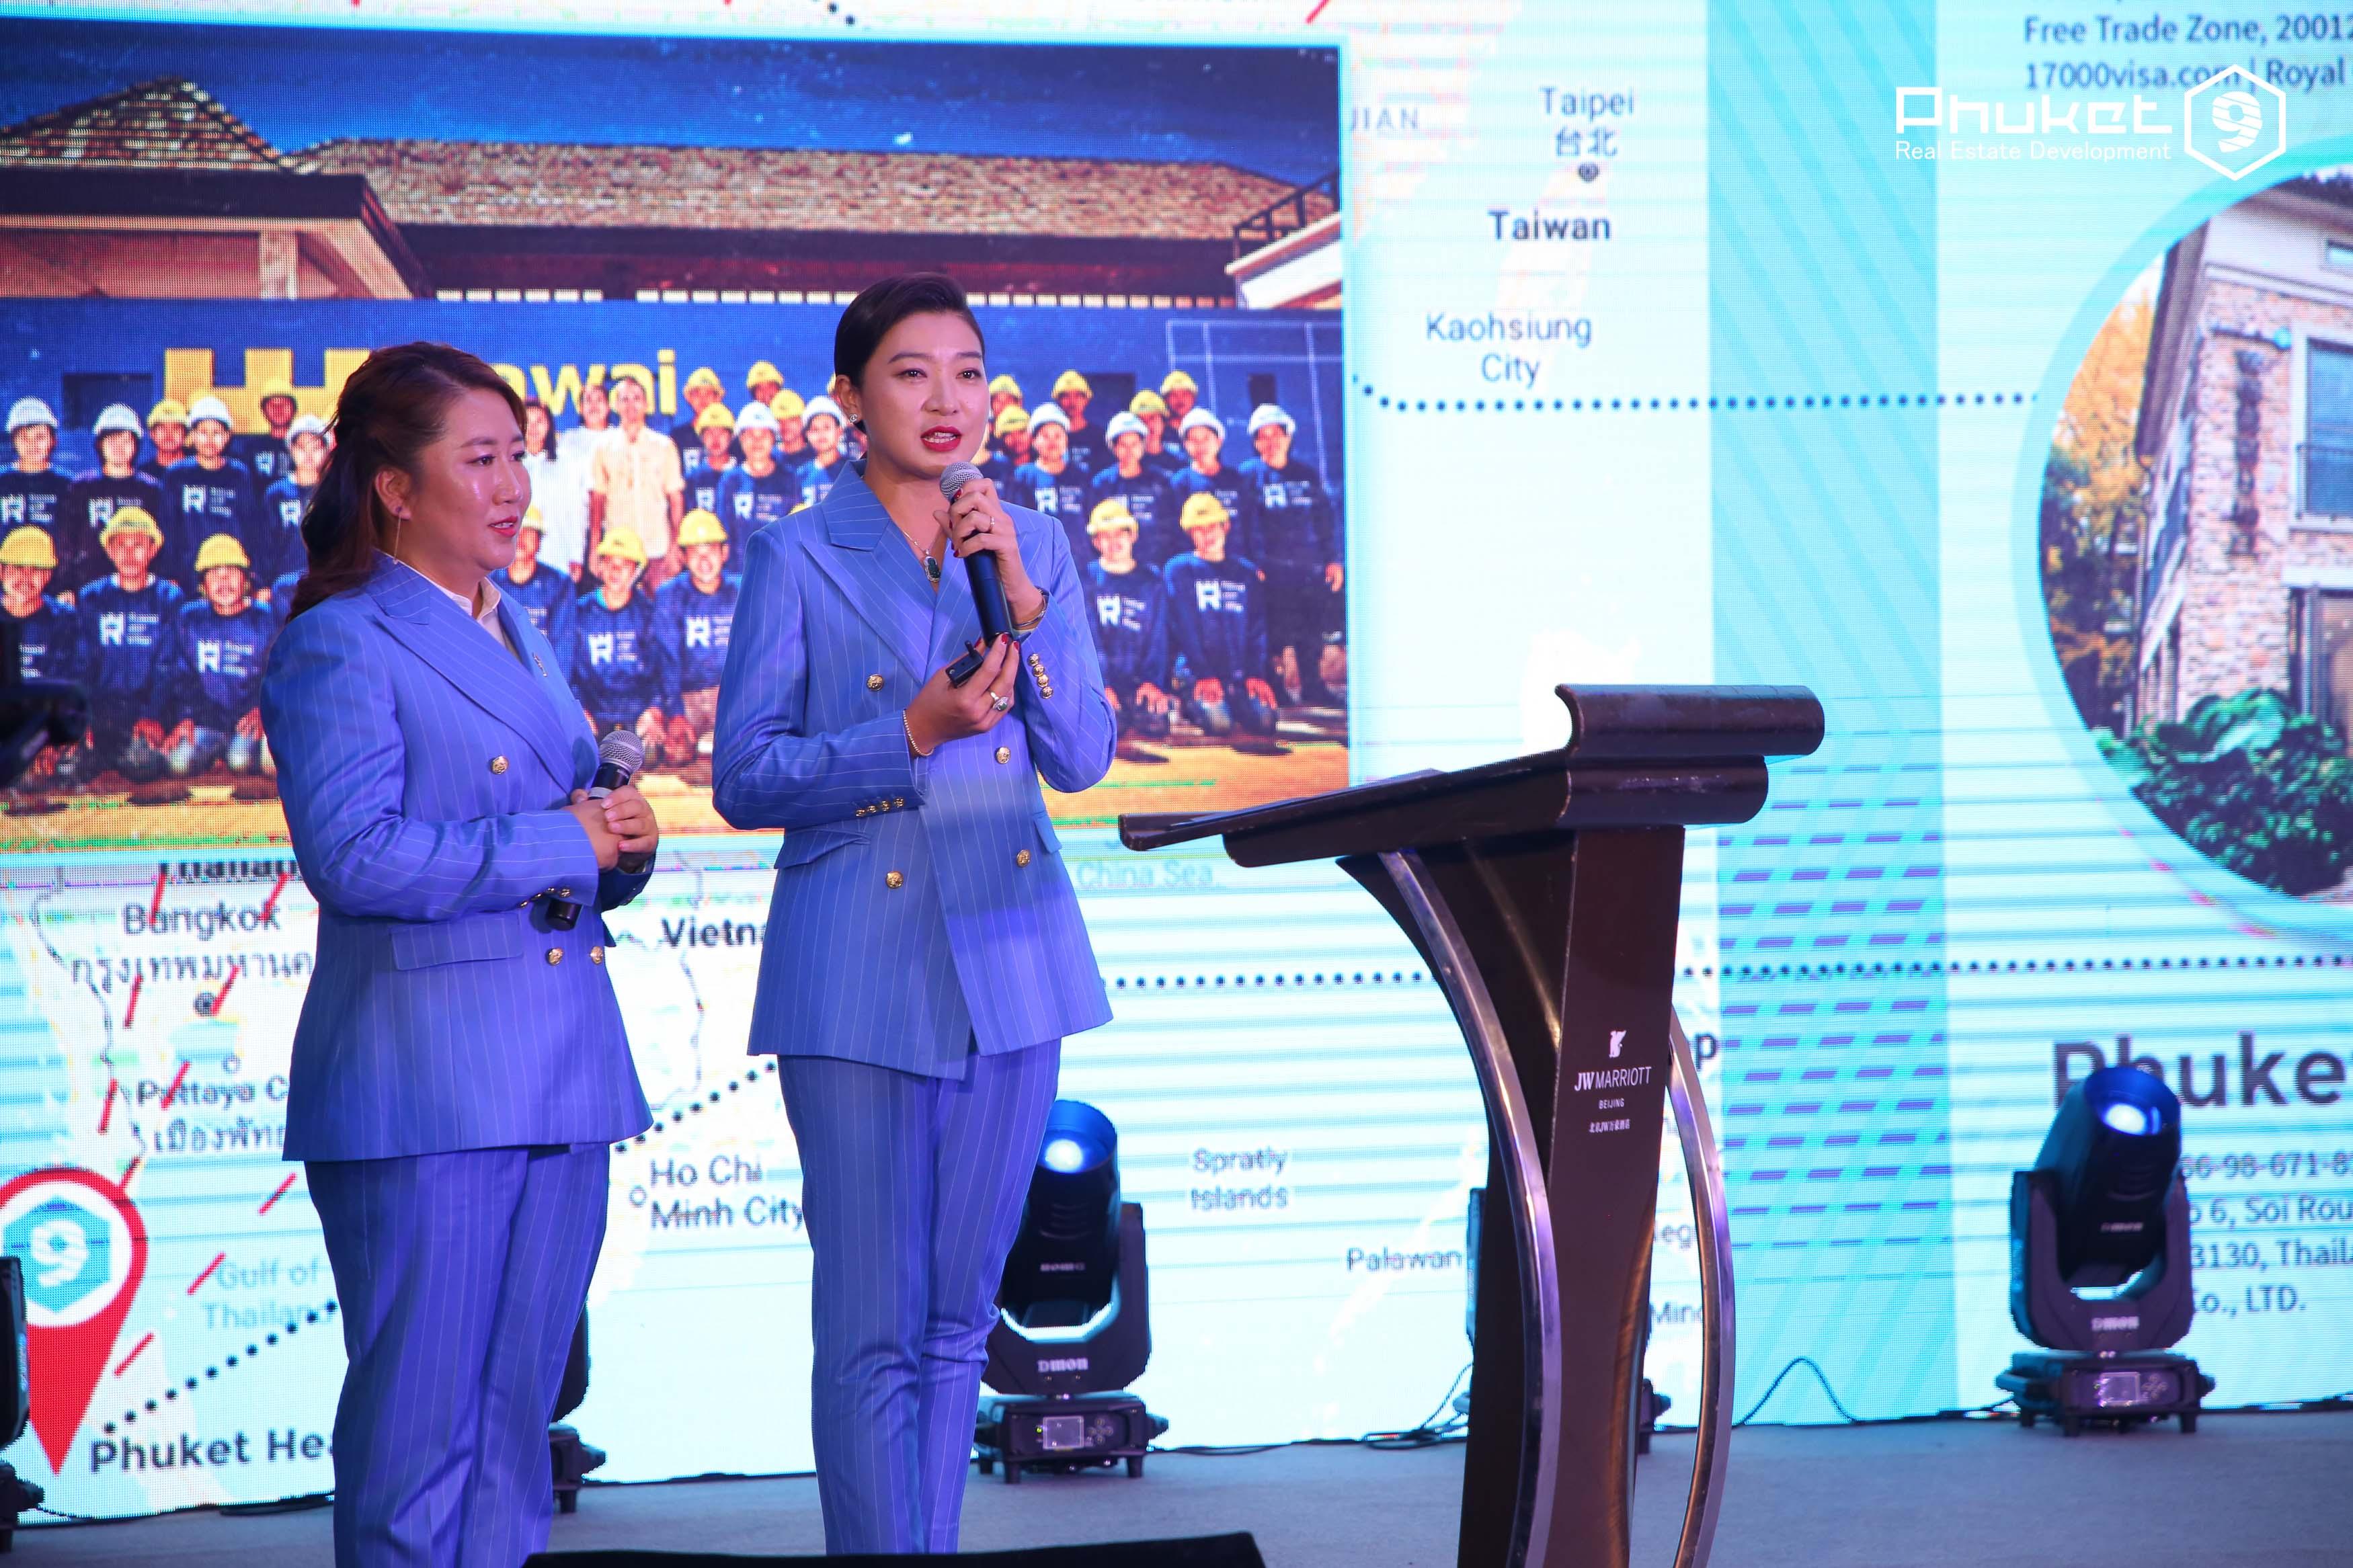 phuket developer beijing